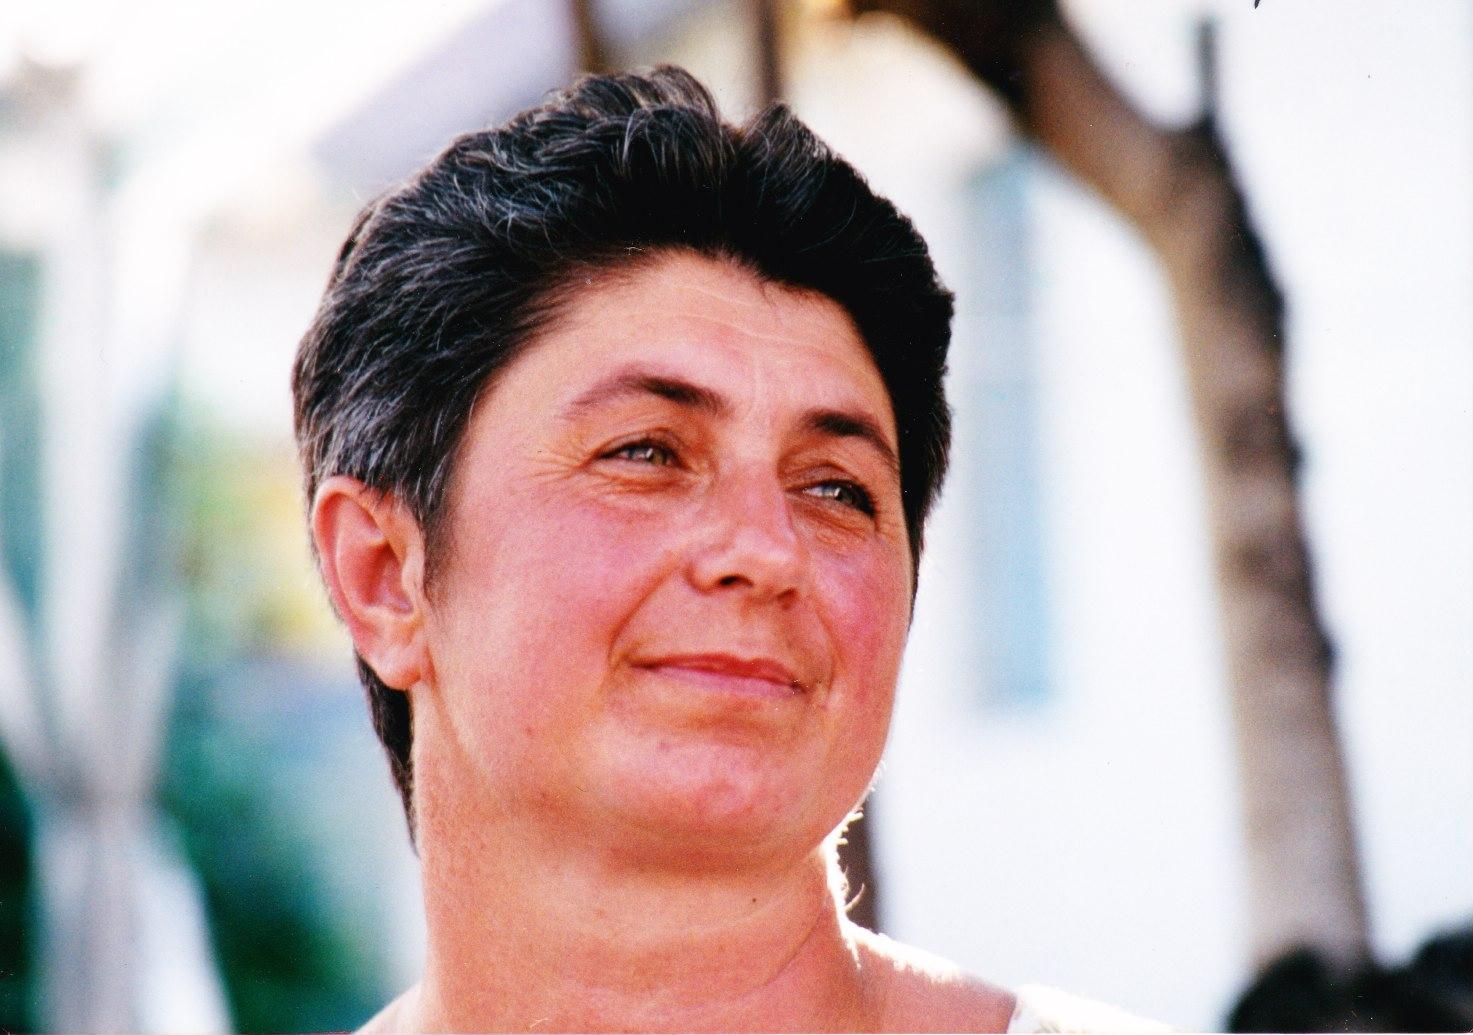 Zoltánné Révész